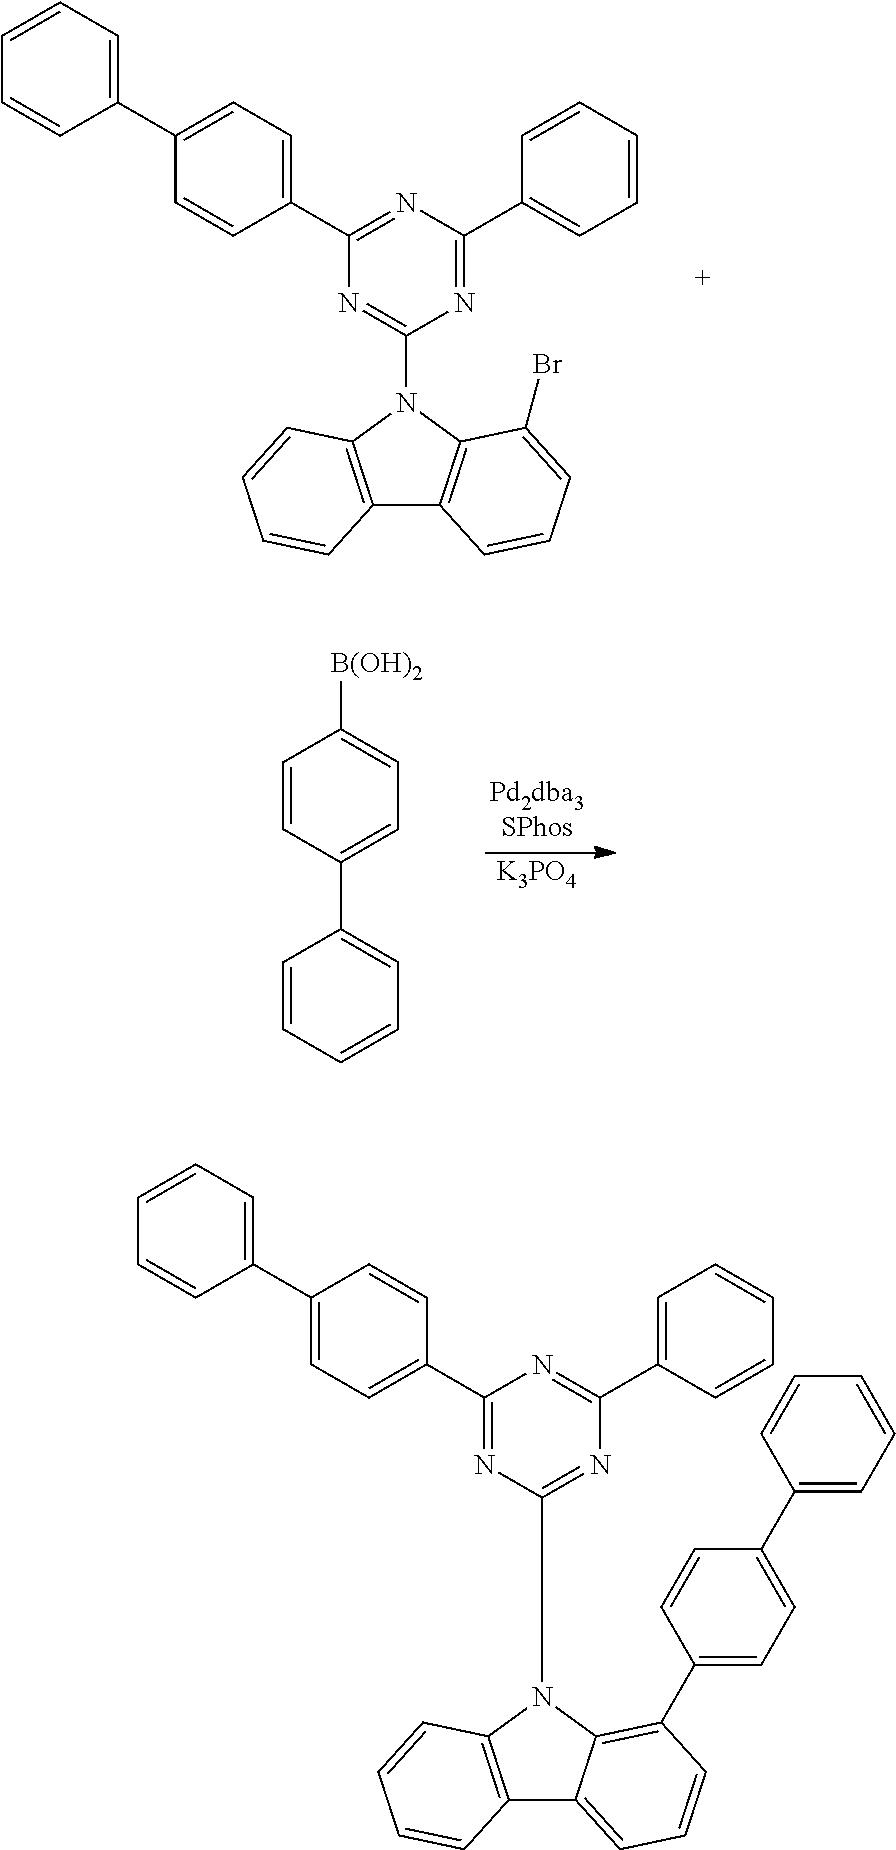 Figure US09673401-20170606-C00233